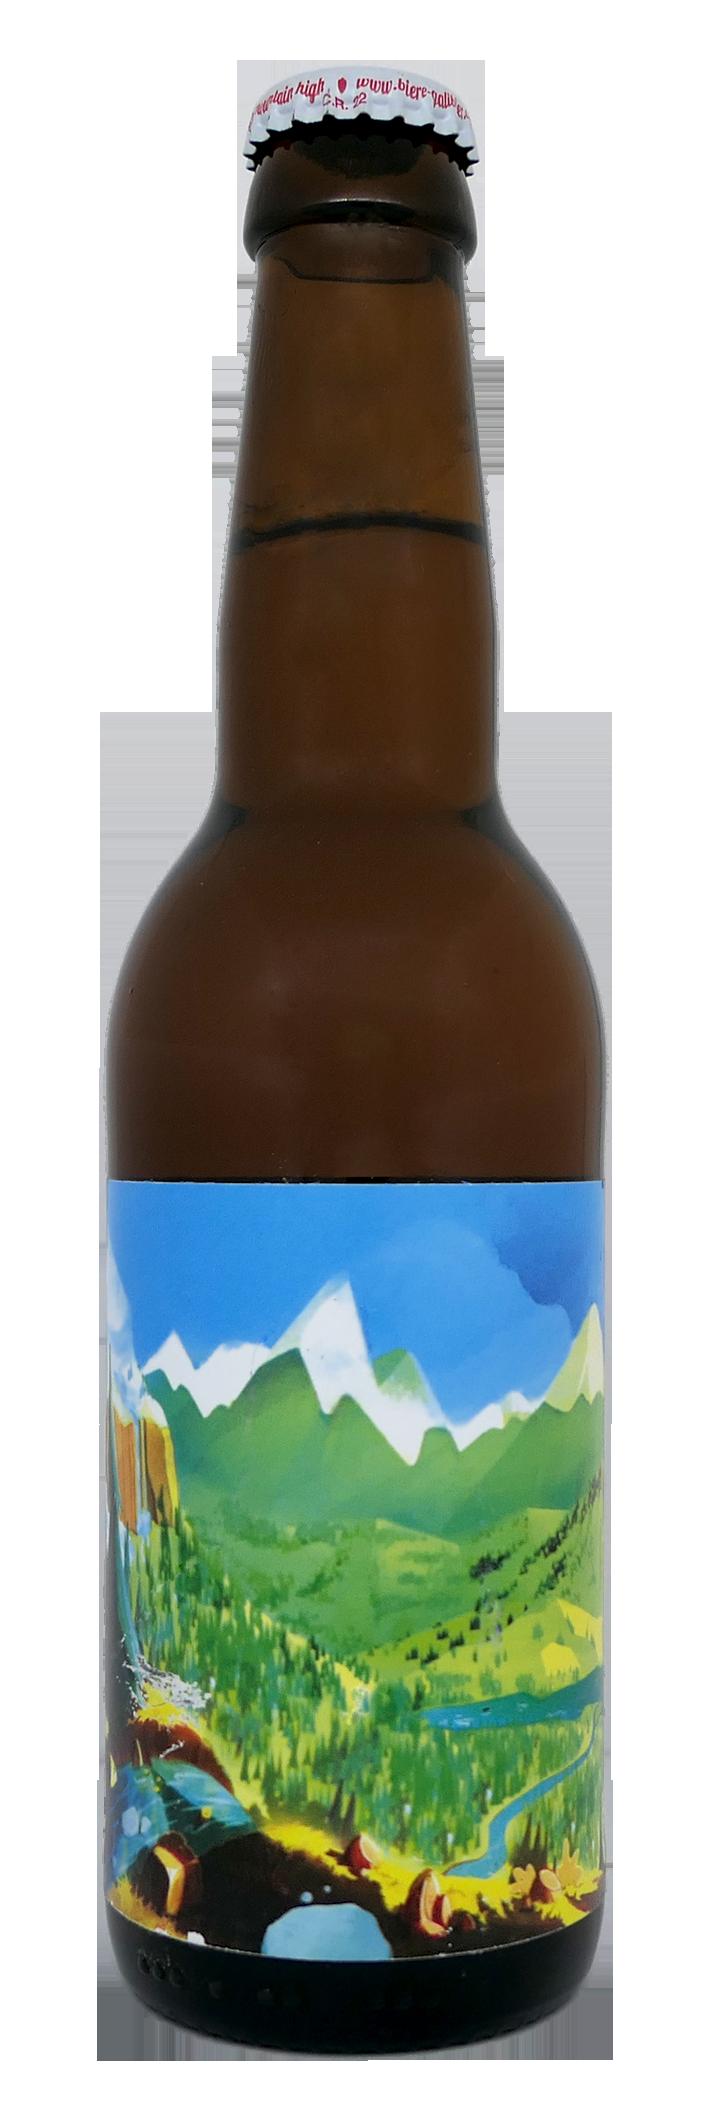 Galibier - Alpine - APA